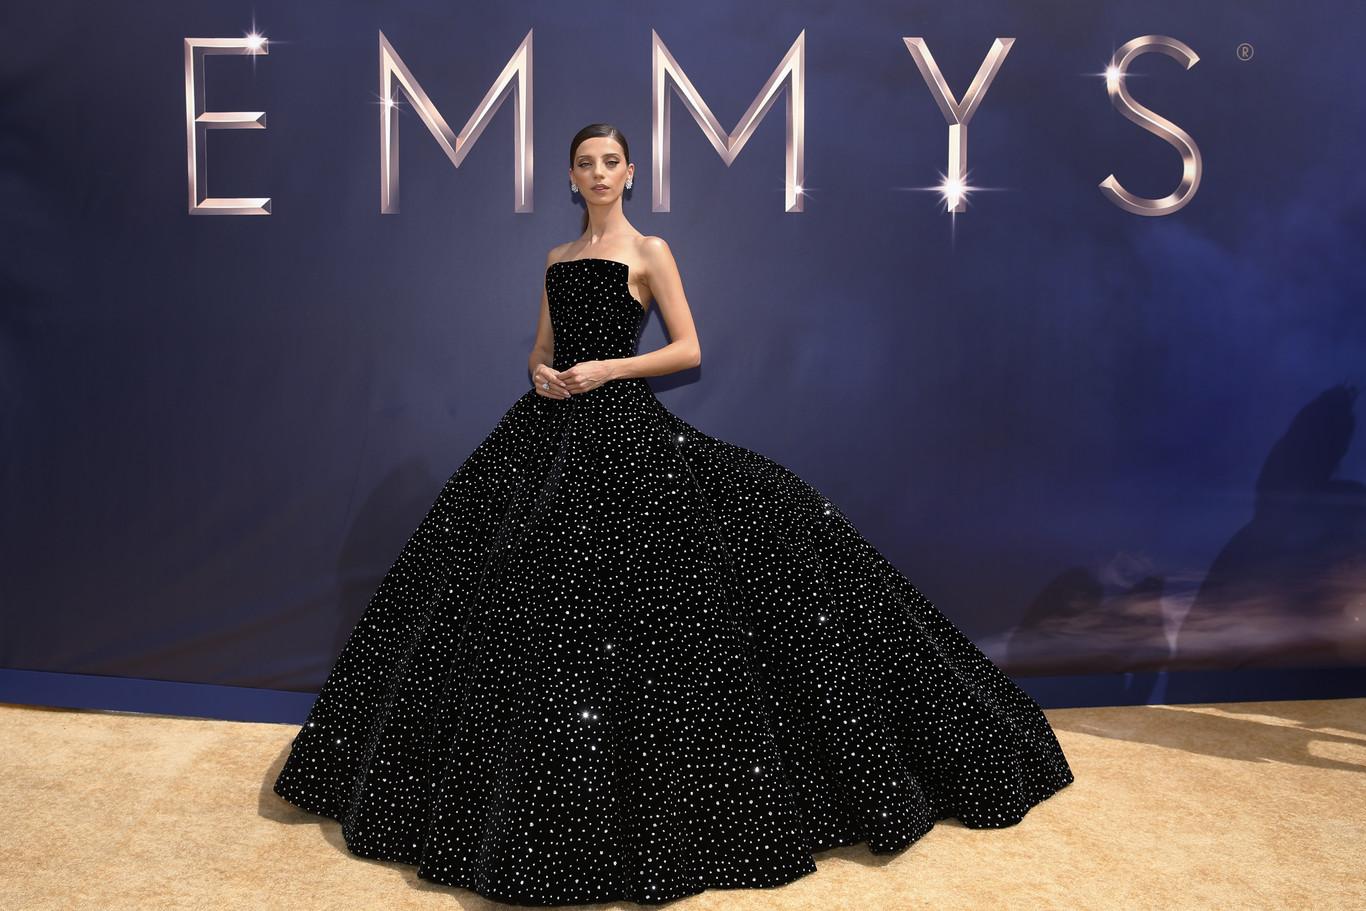 264c22b2c8 Premios Emmy 2018  las mejores vestidas de la alfombra roja